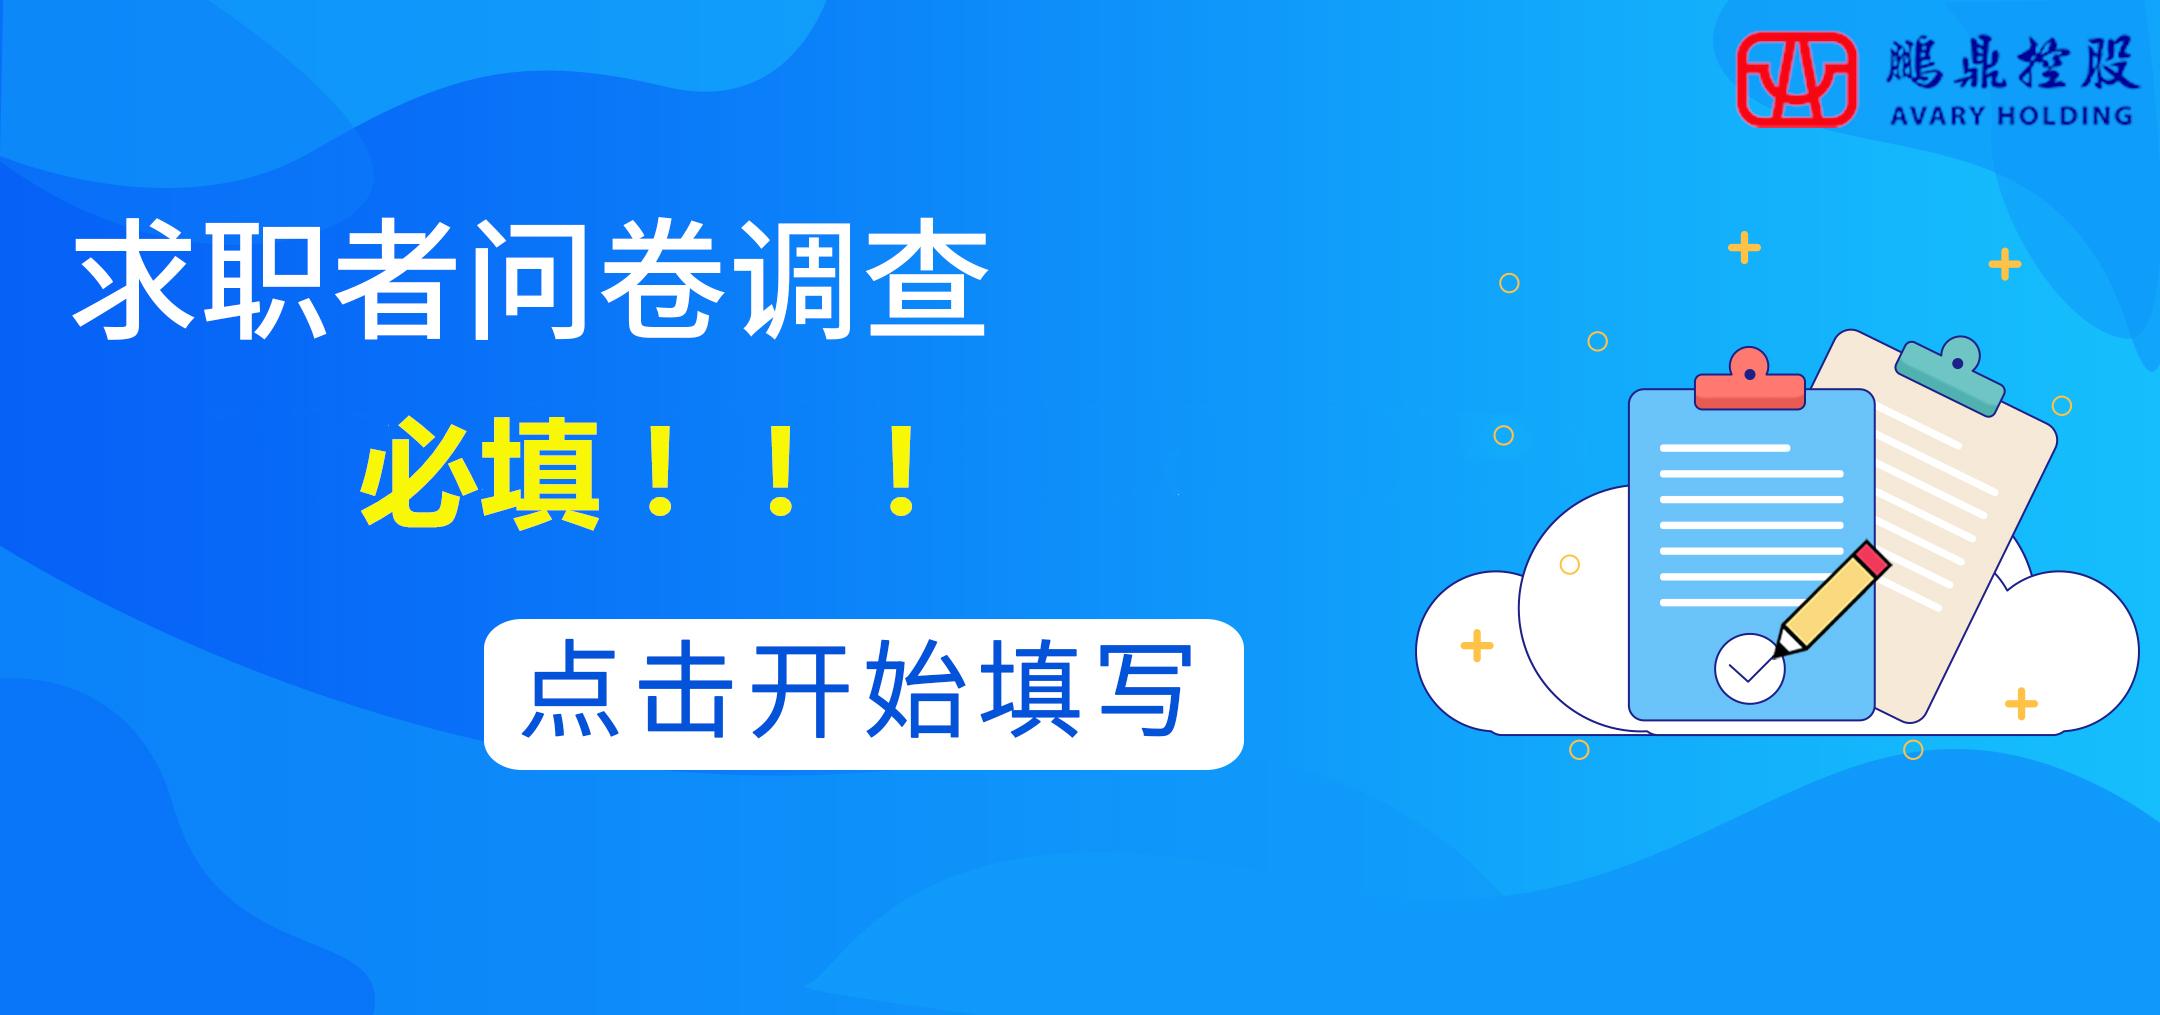 鹏鼎控股深圳园区,限时推荐3000元大礼,延期至3月17日!-FOXZM